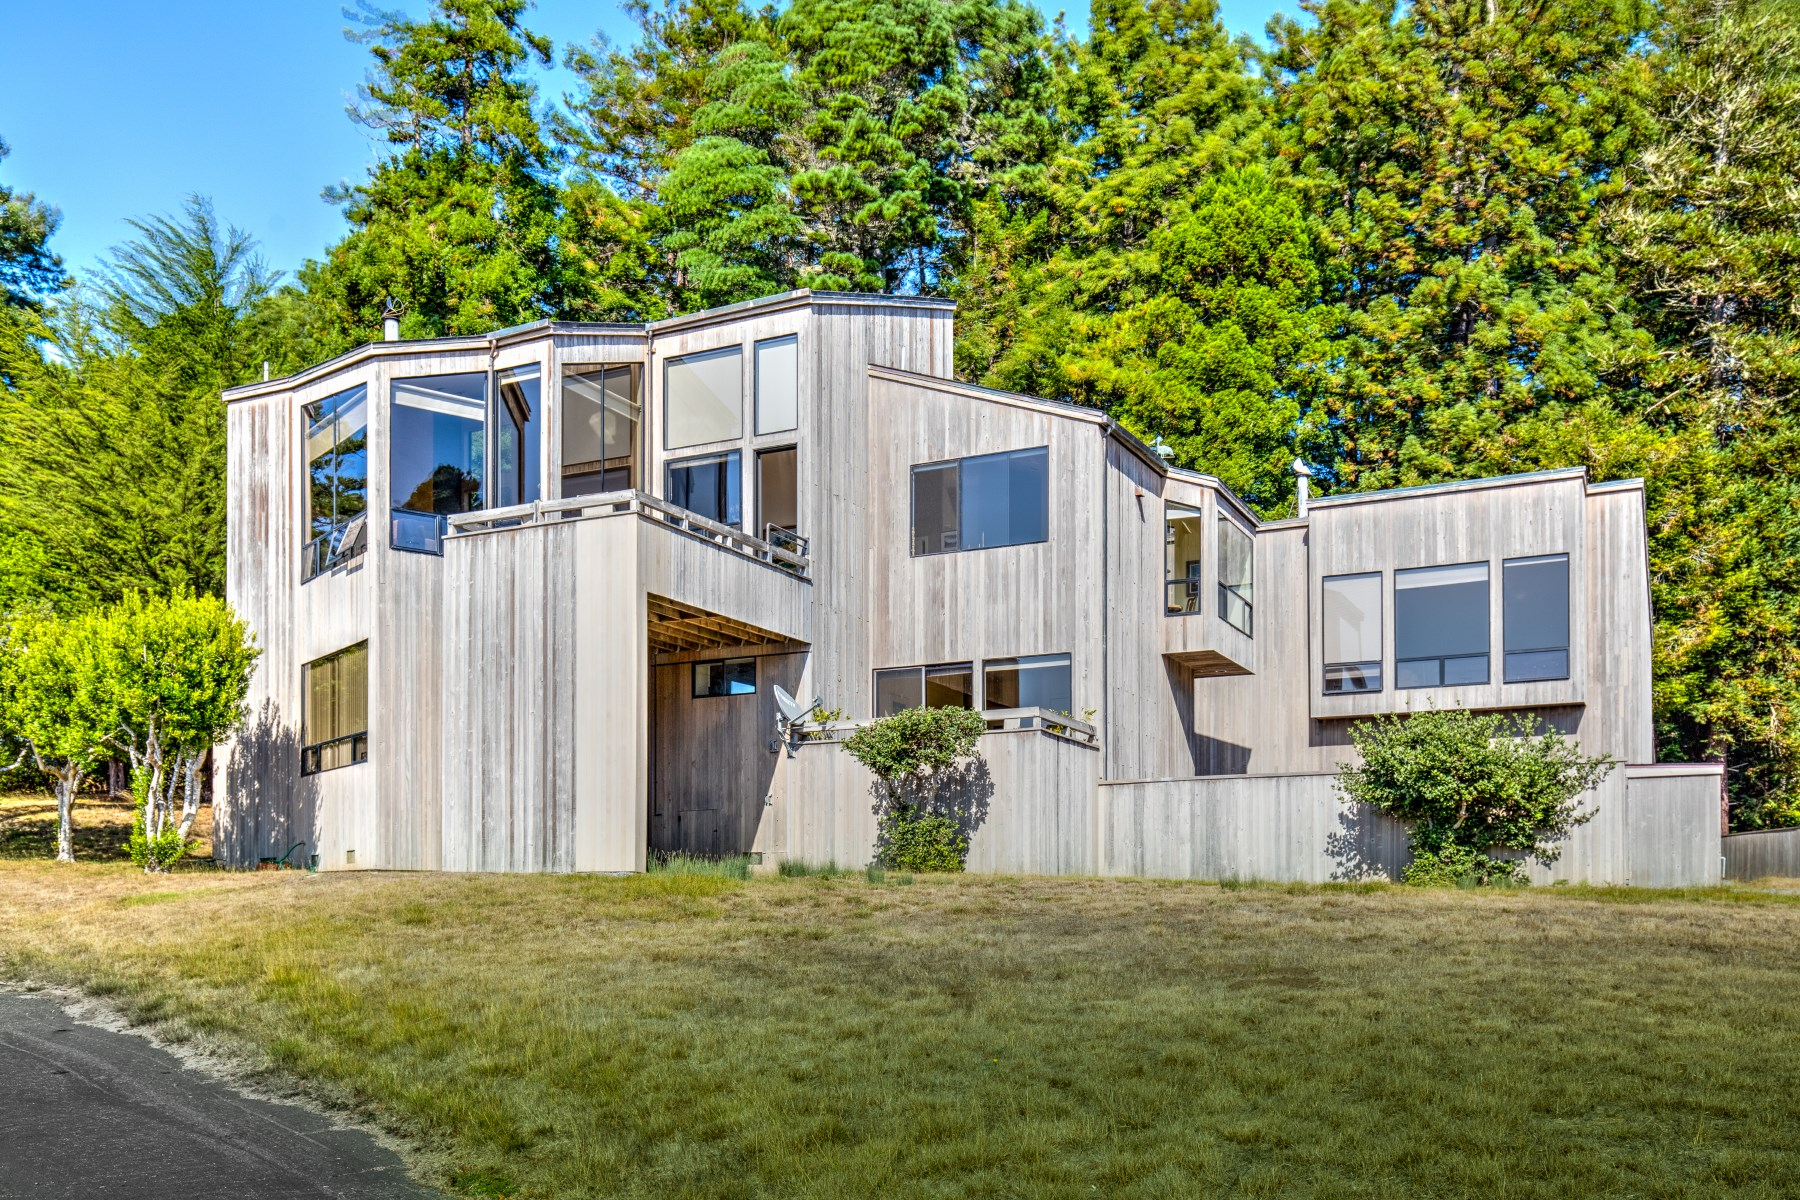 一戸建て のために 売買 アット Impressive Design with Dramatic Views 127 Larkspur Close The Sea Ranch, カリフォルニア, 95497 アメリカ合衆国